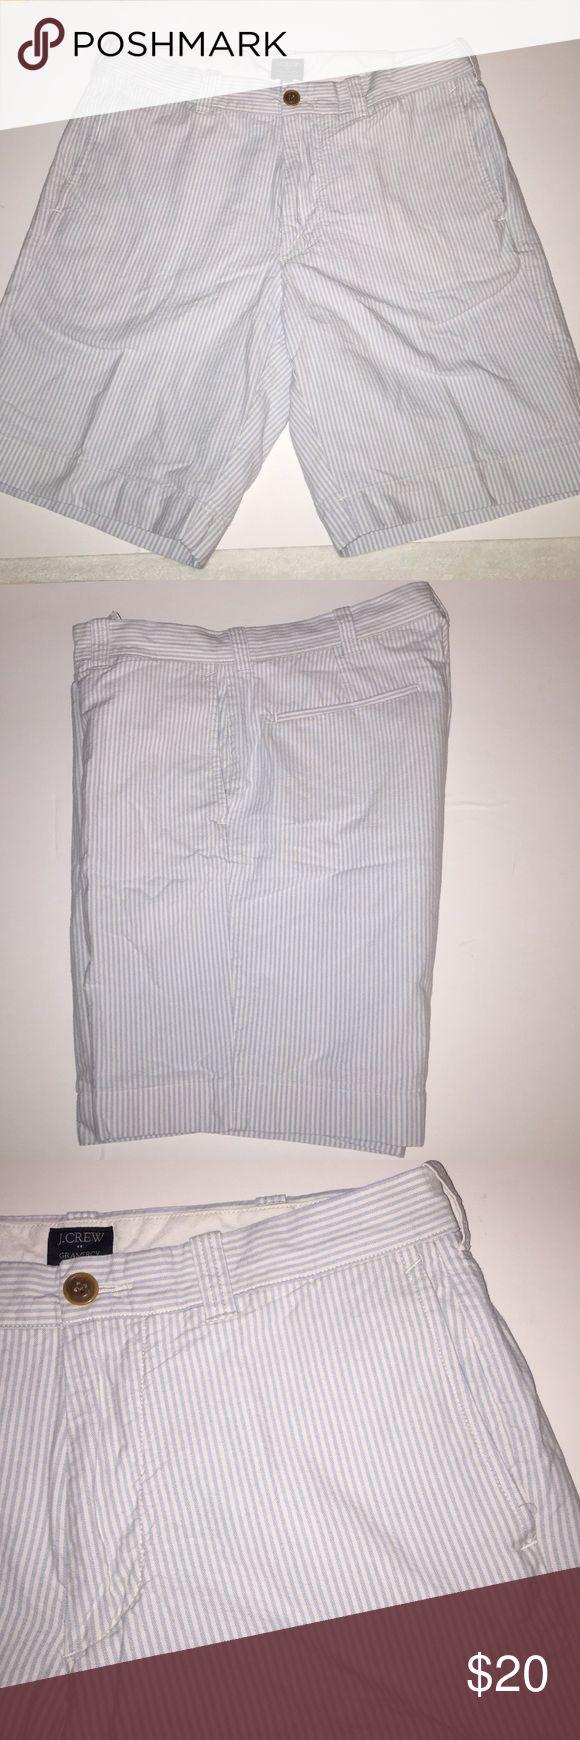 J. Crew MENS shorts J. Crew MENS shorts. Size 32  light blue and white stripe. J. Crew Shorts